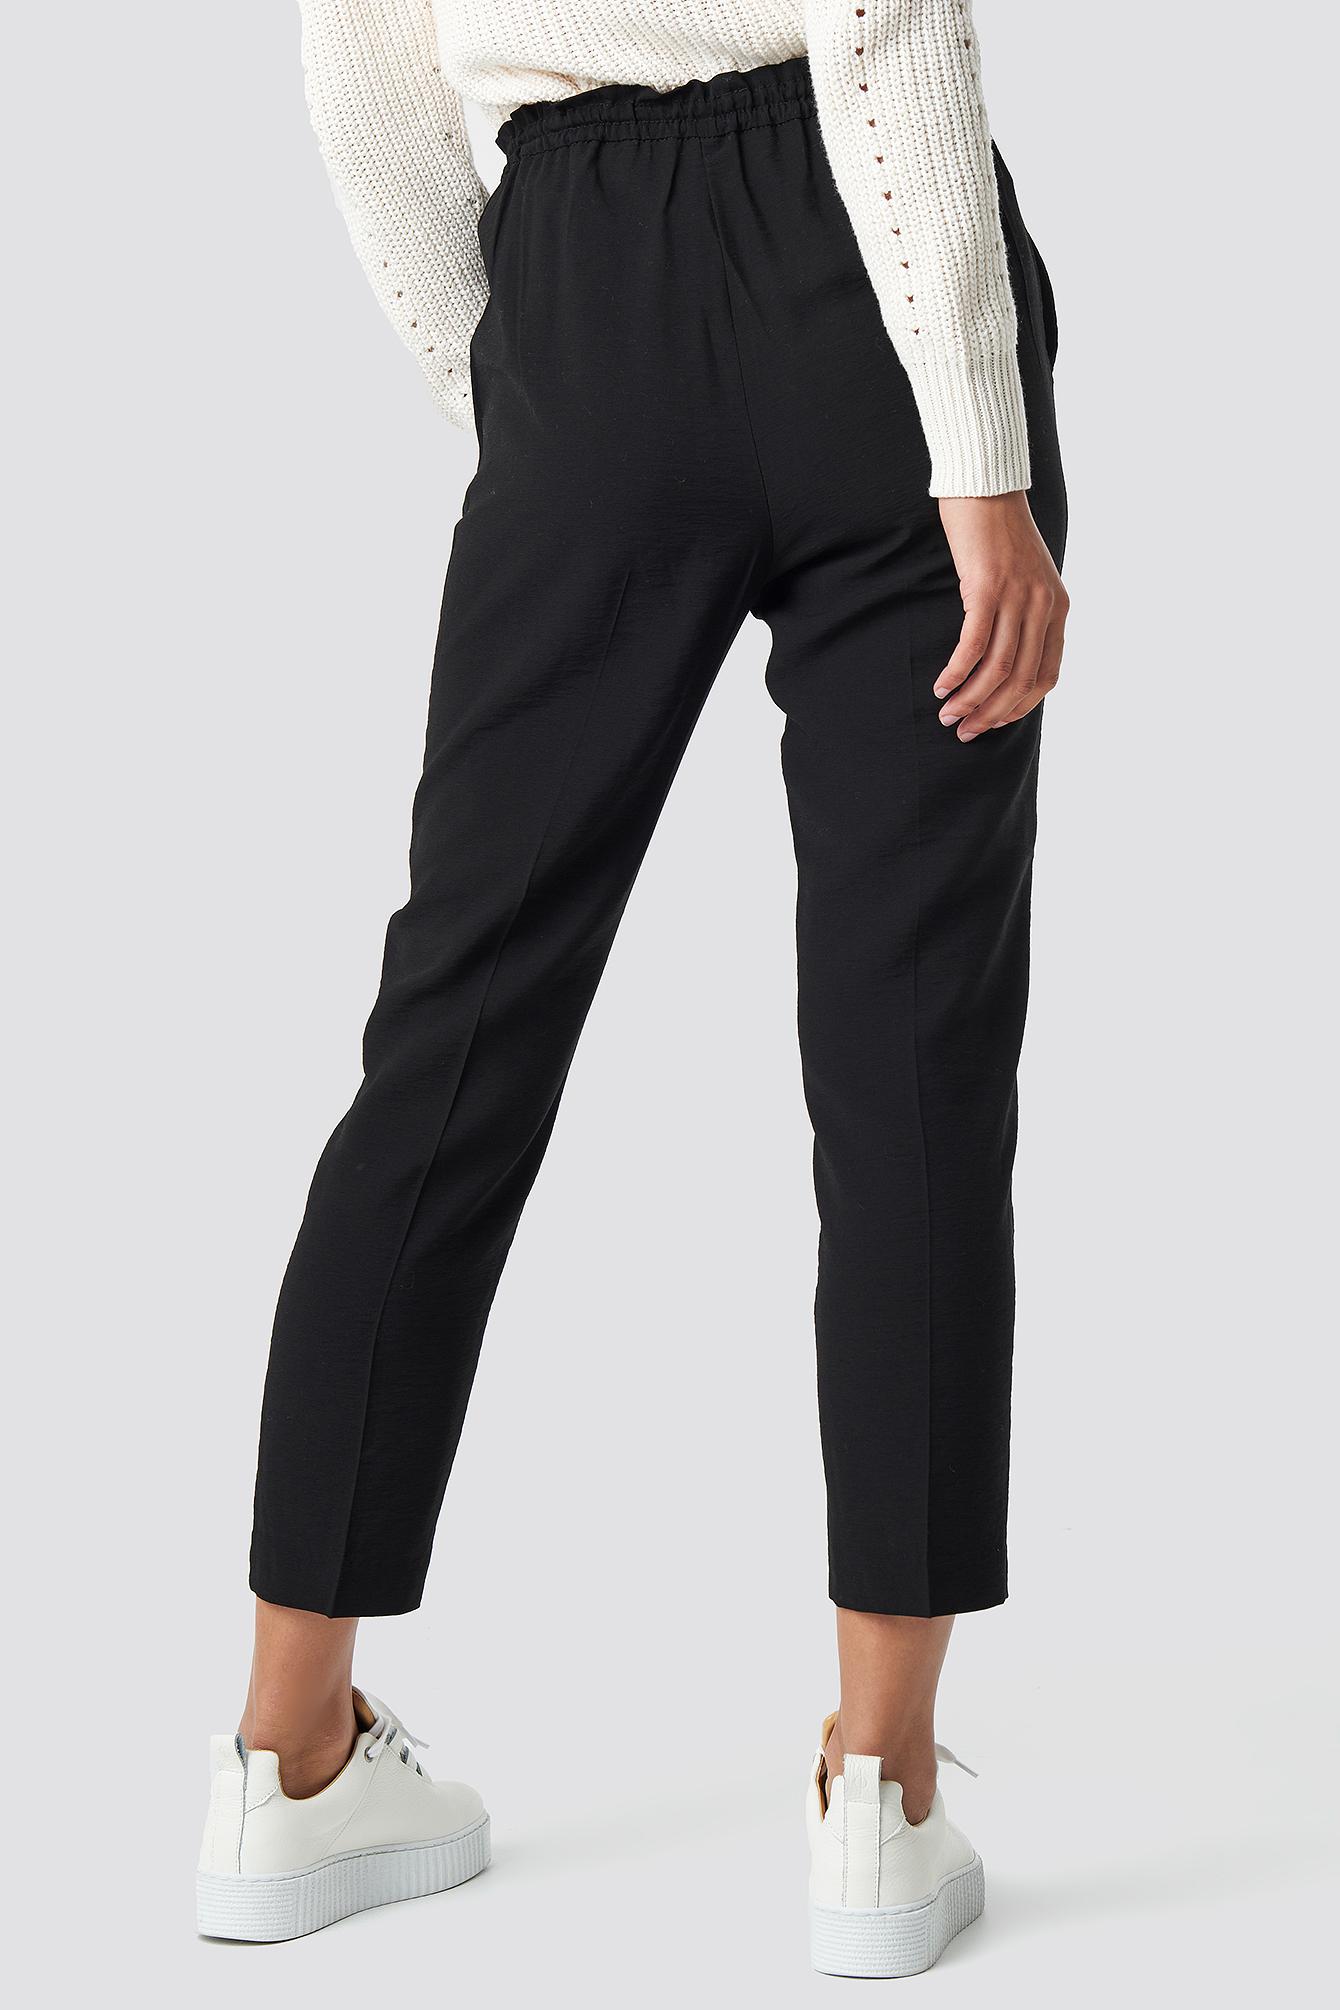 Spodnie Damaso NA-KD.COM